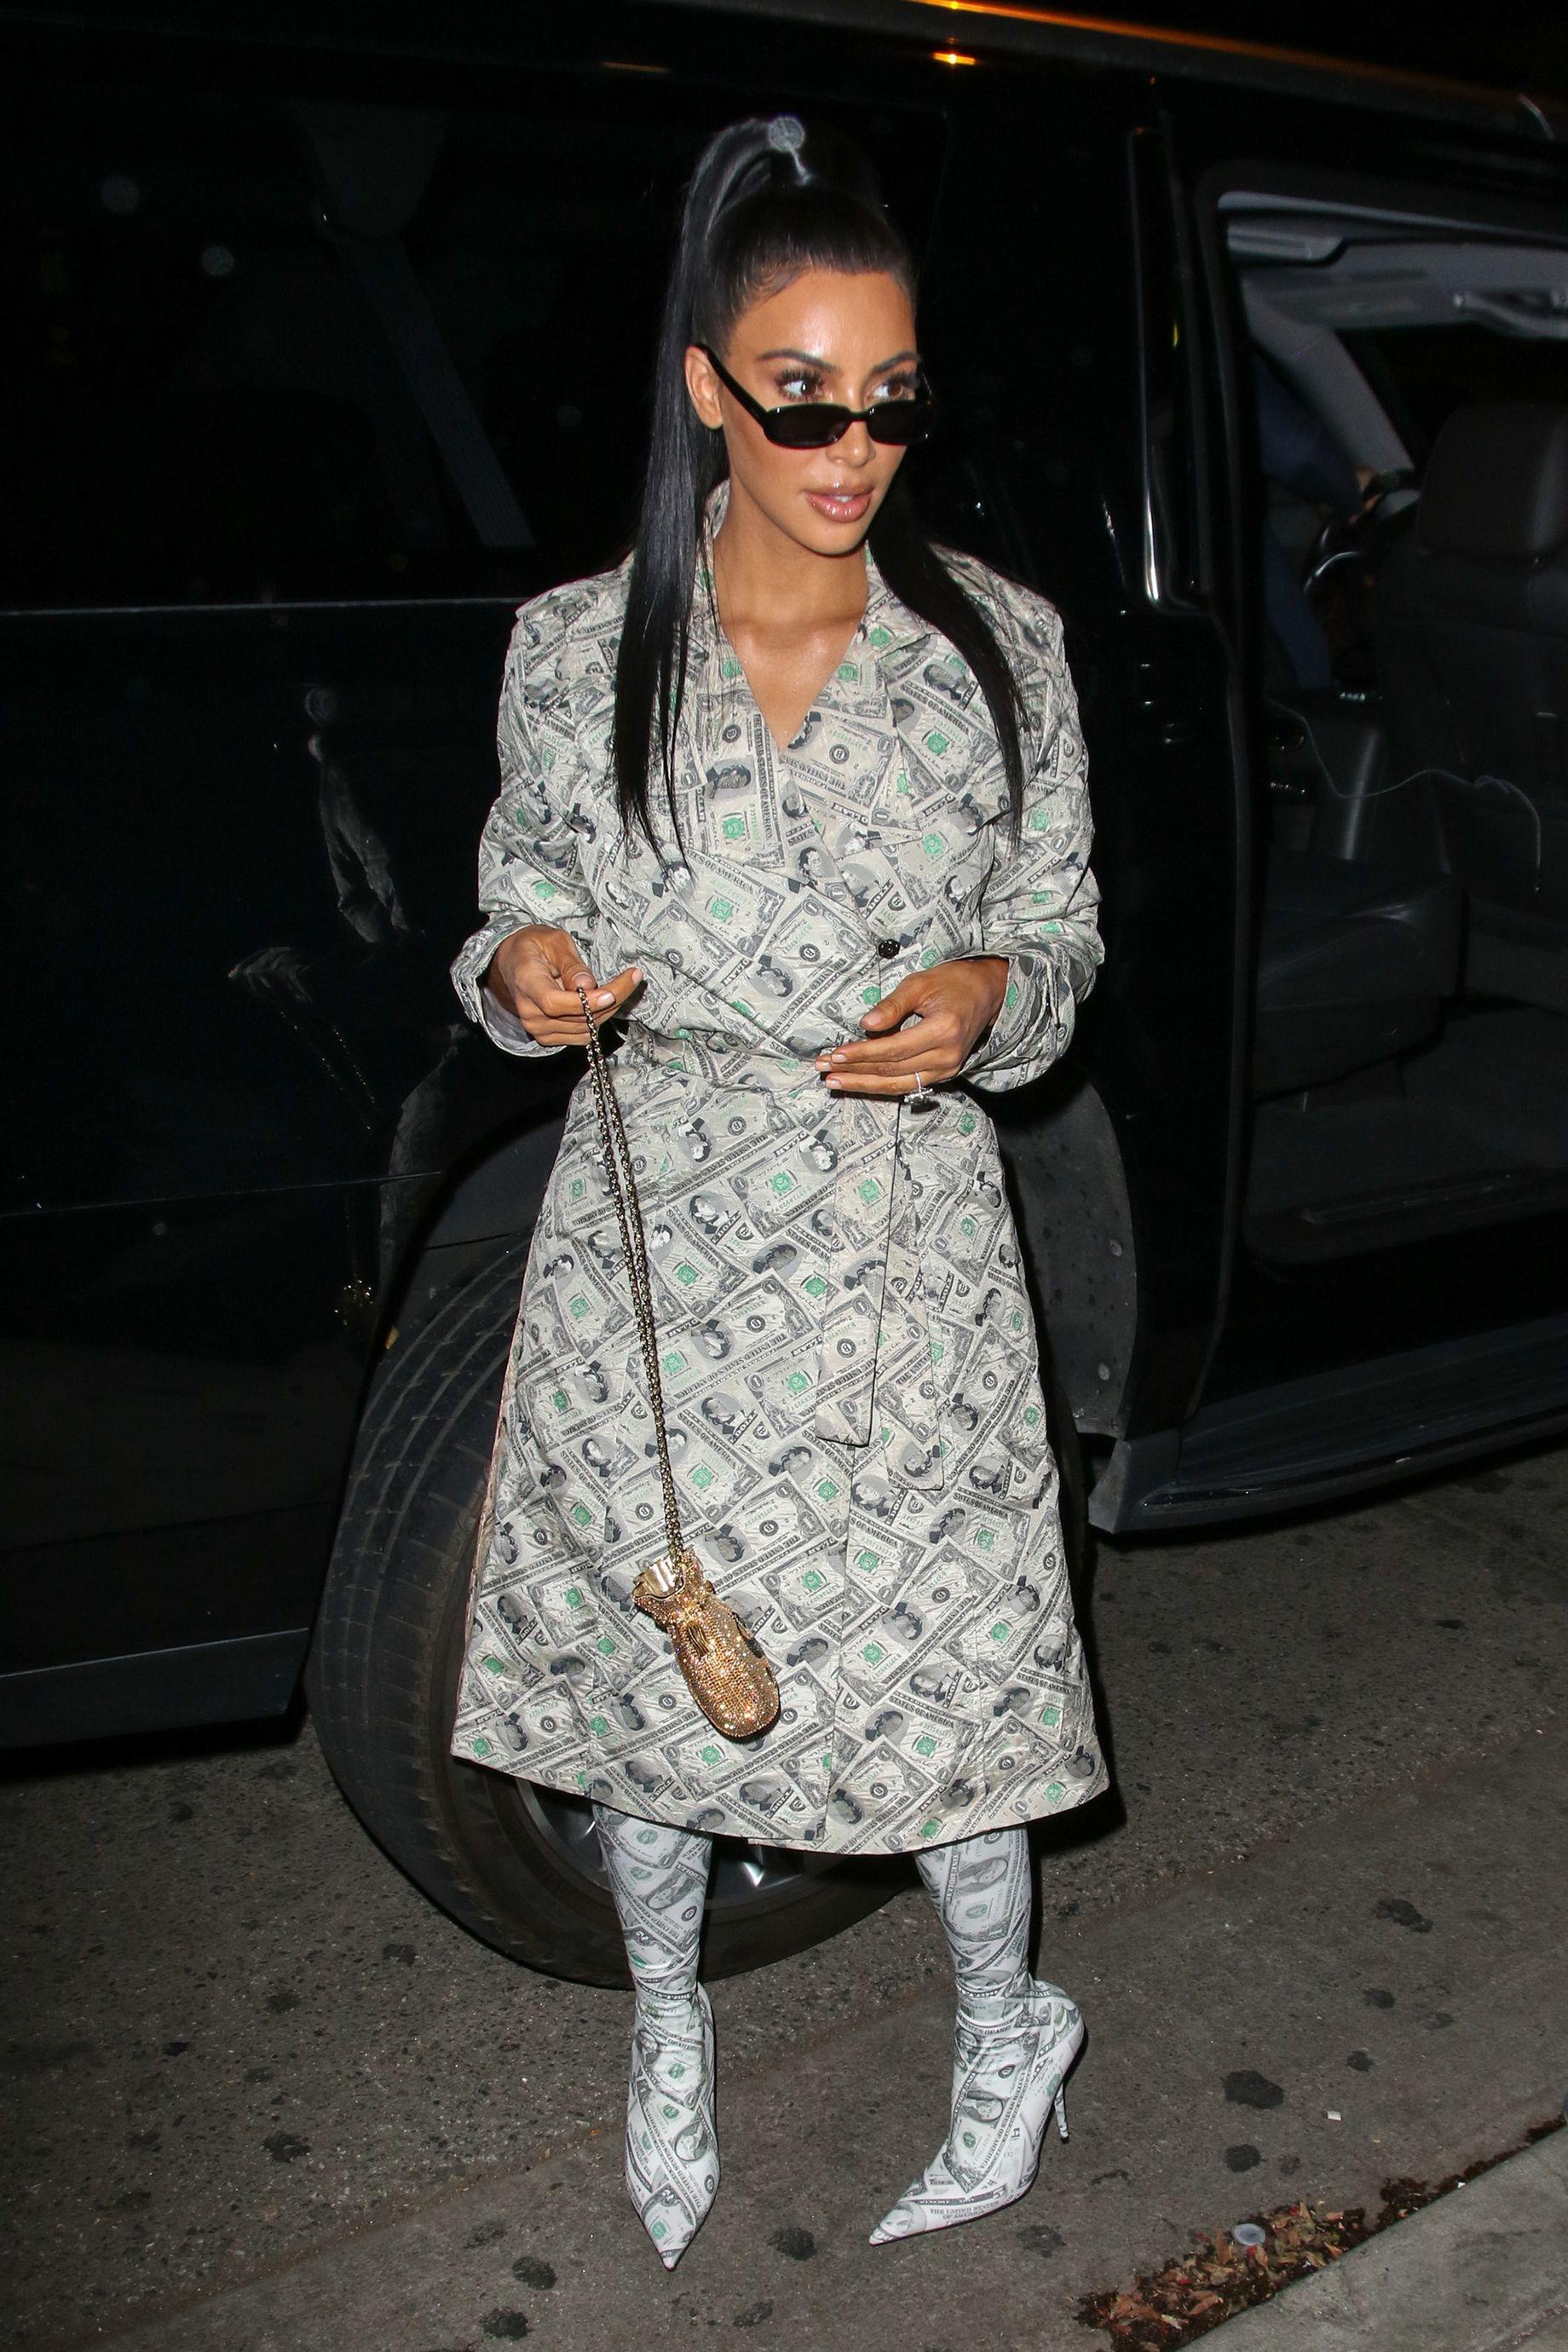 #StyleFile: Our Favourite Kim Kardashian-West Looks